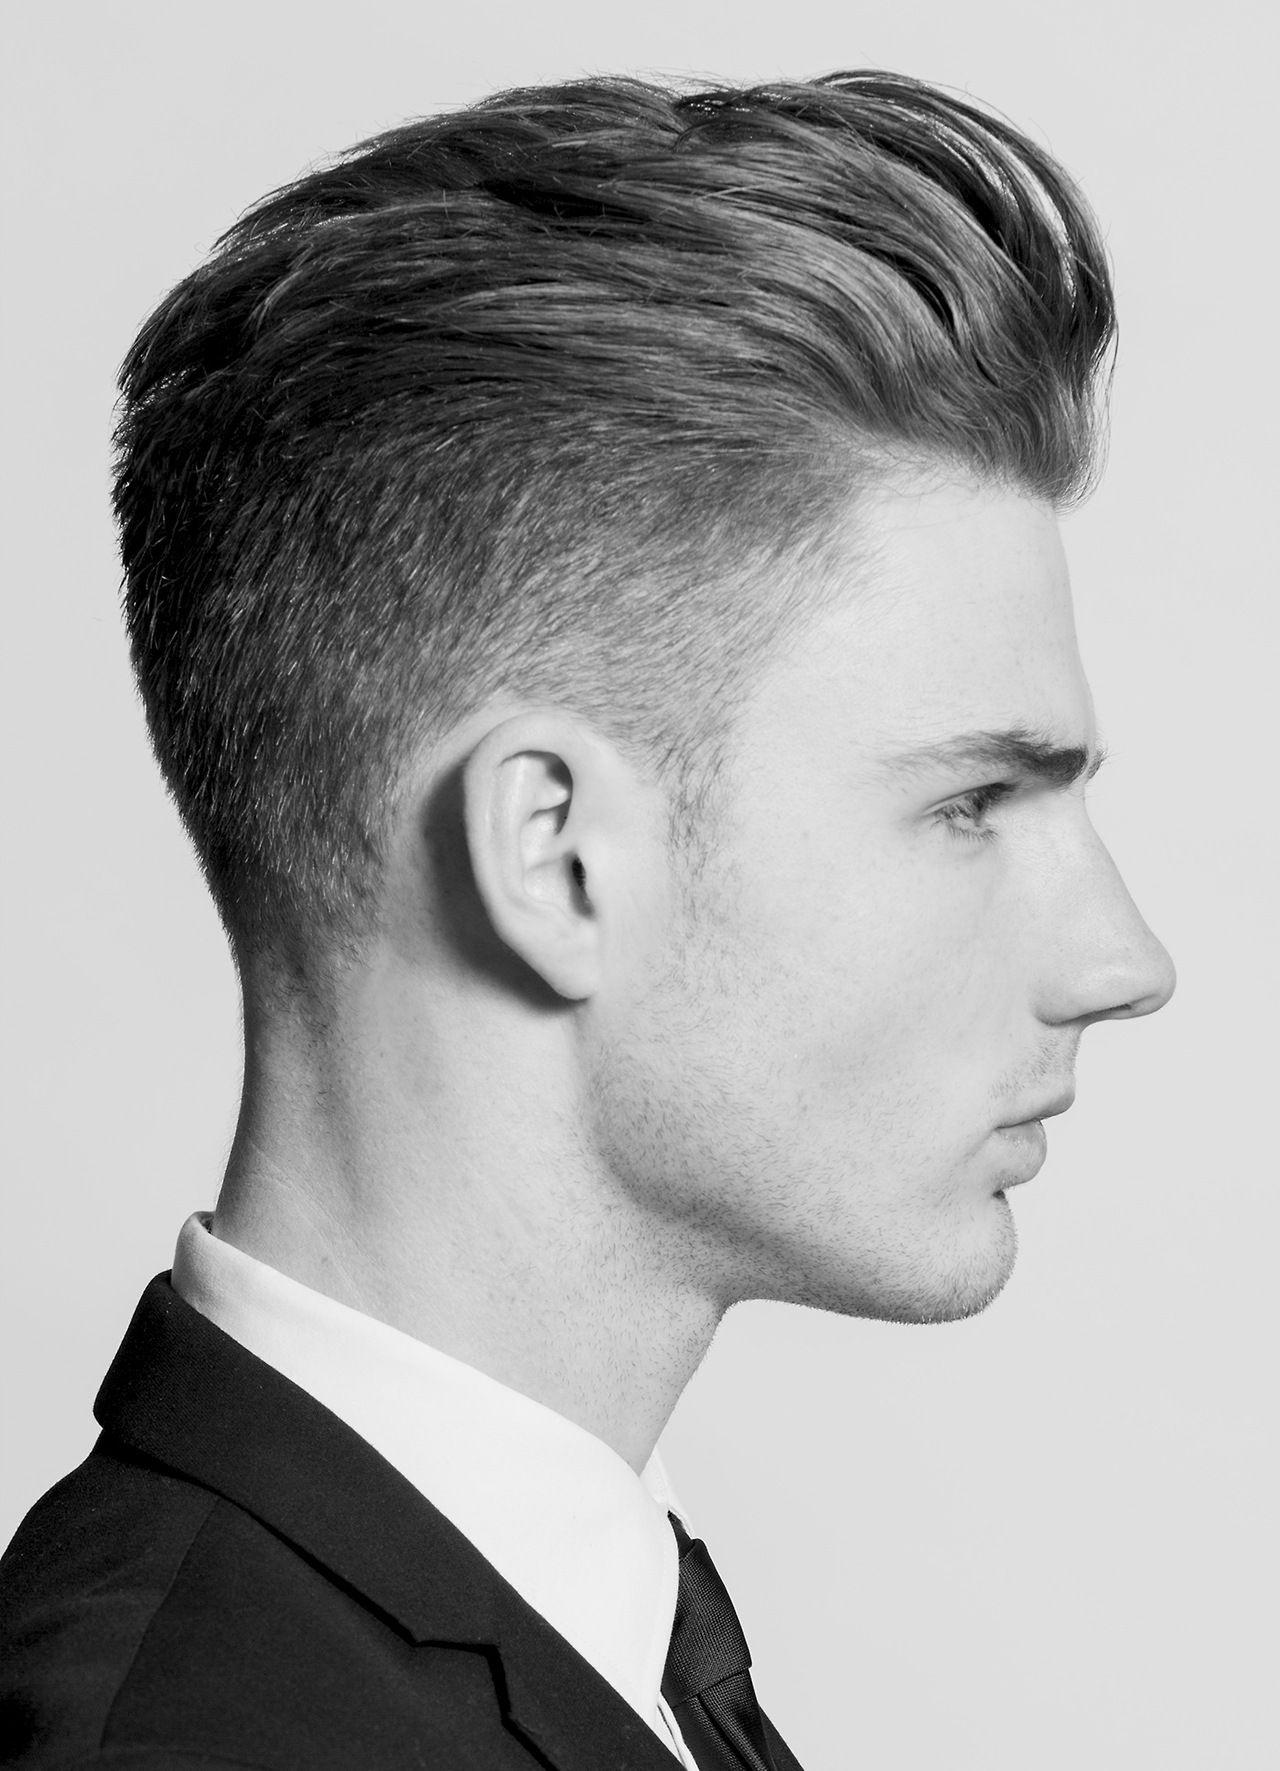 Haircut for men according to face shape haircut  hair  pinterest  cabello pelo hombre and cabello para